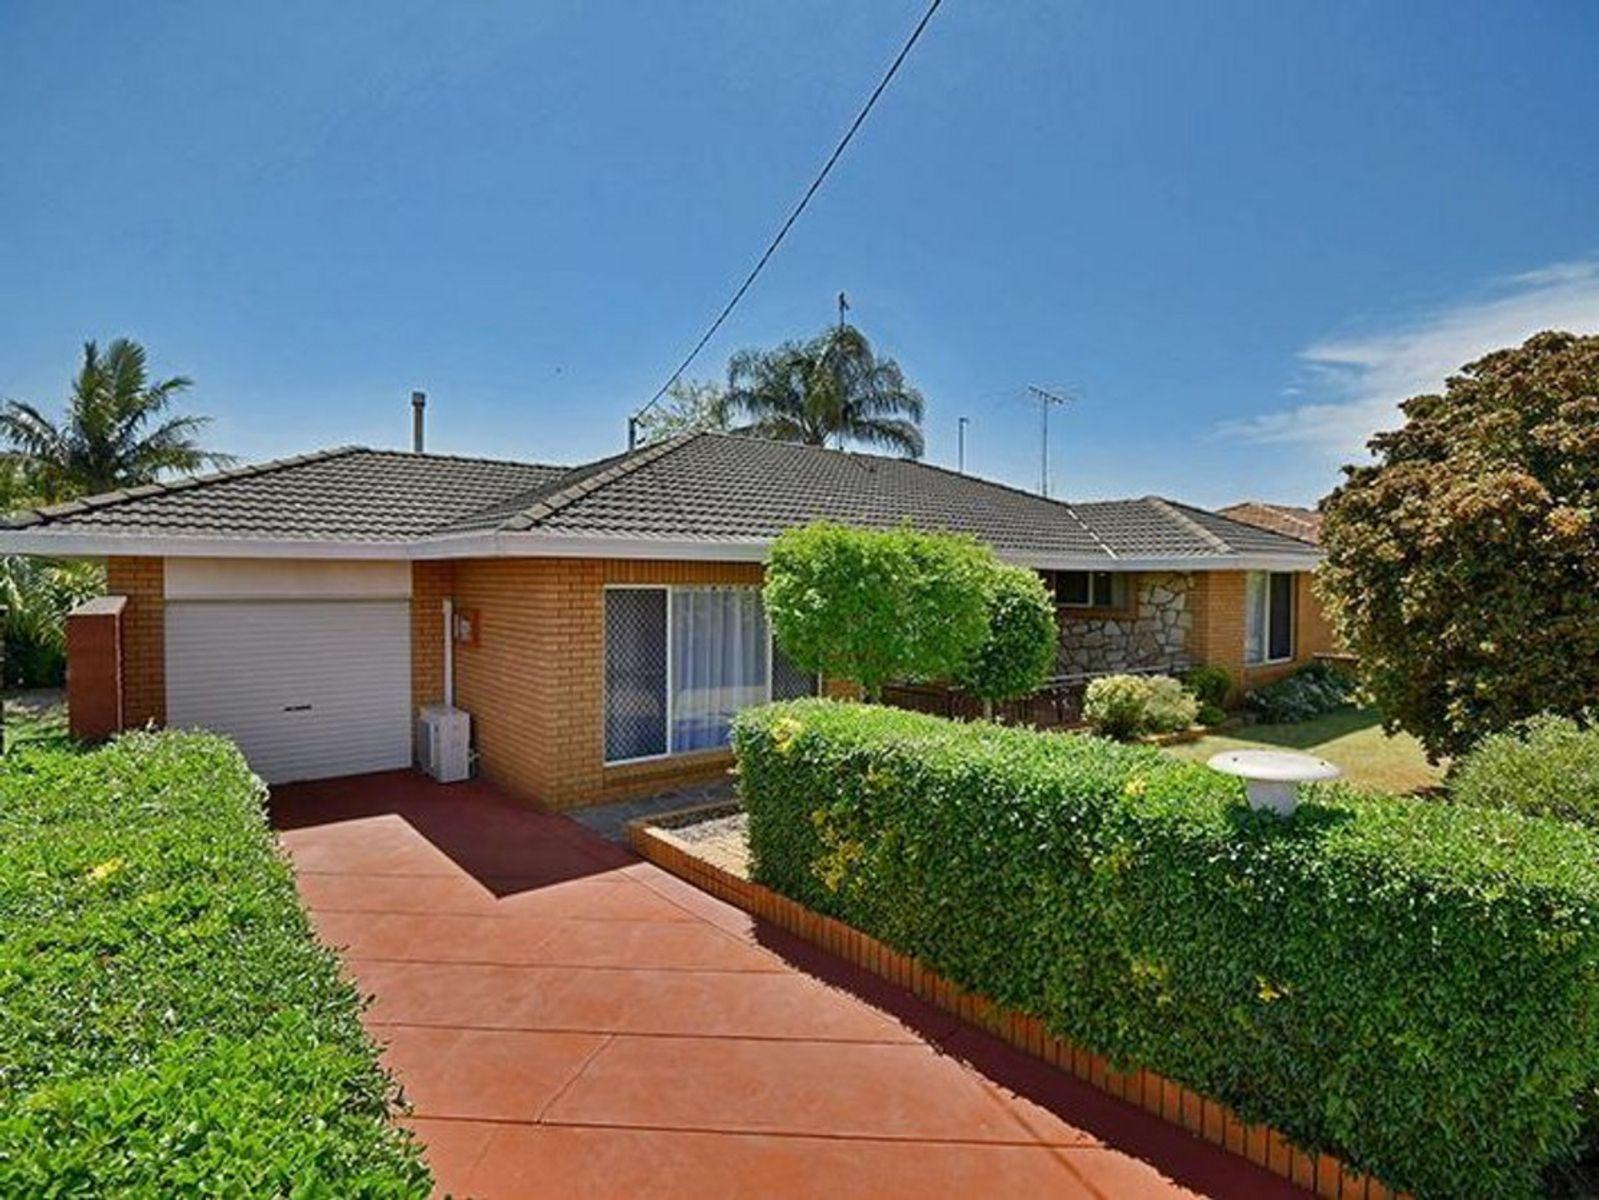 13 Allenby Street, Newtown, QLD 4350